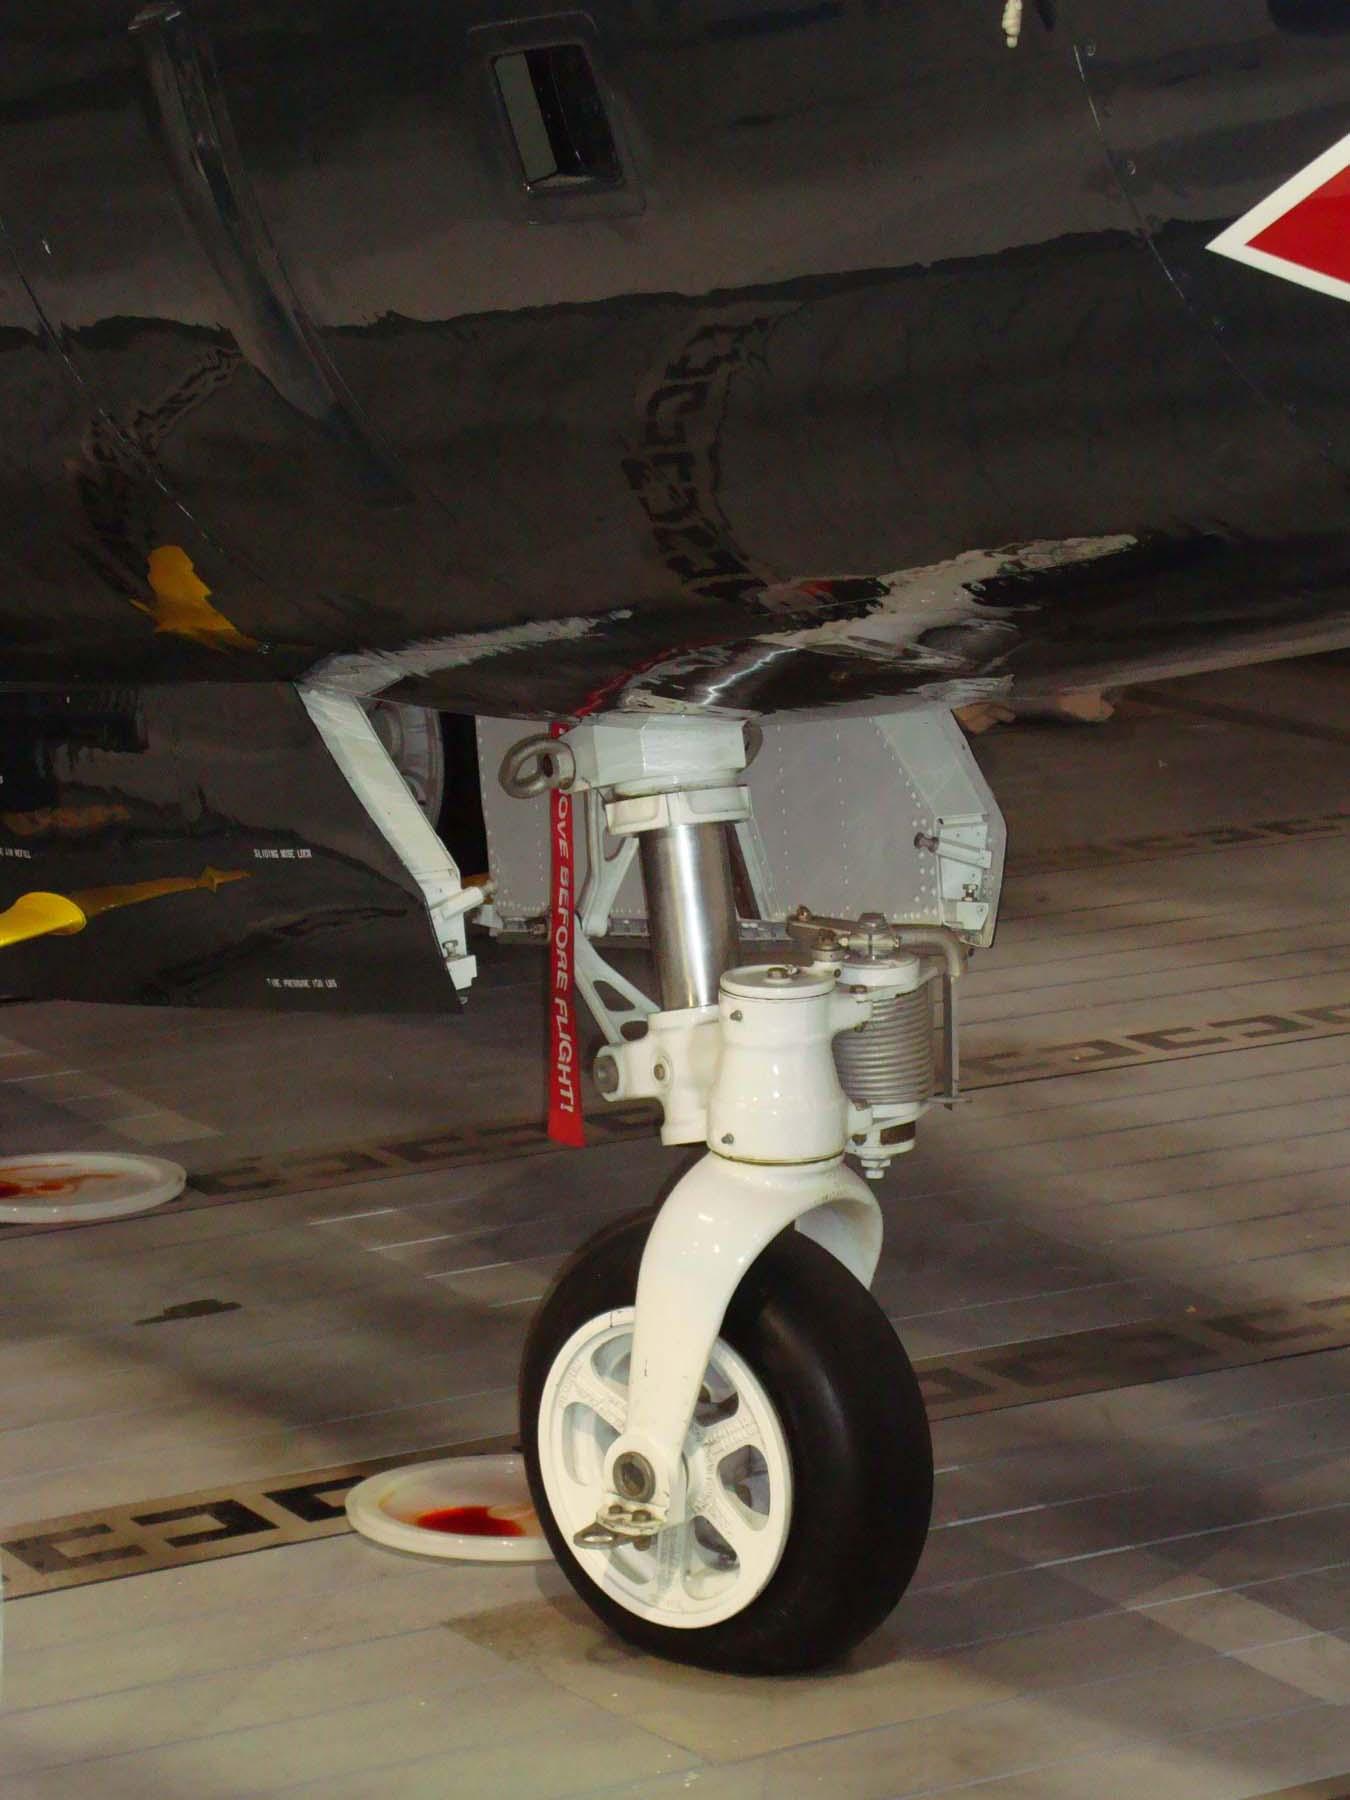 Grumman F9f 2 Panther Photo Walk Around